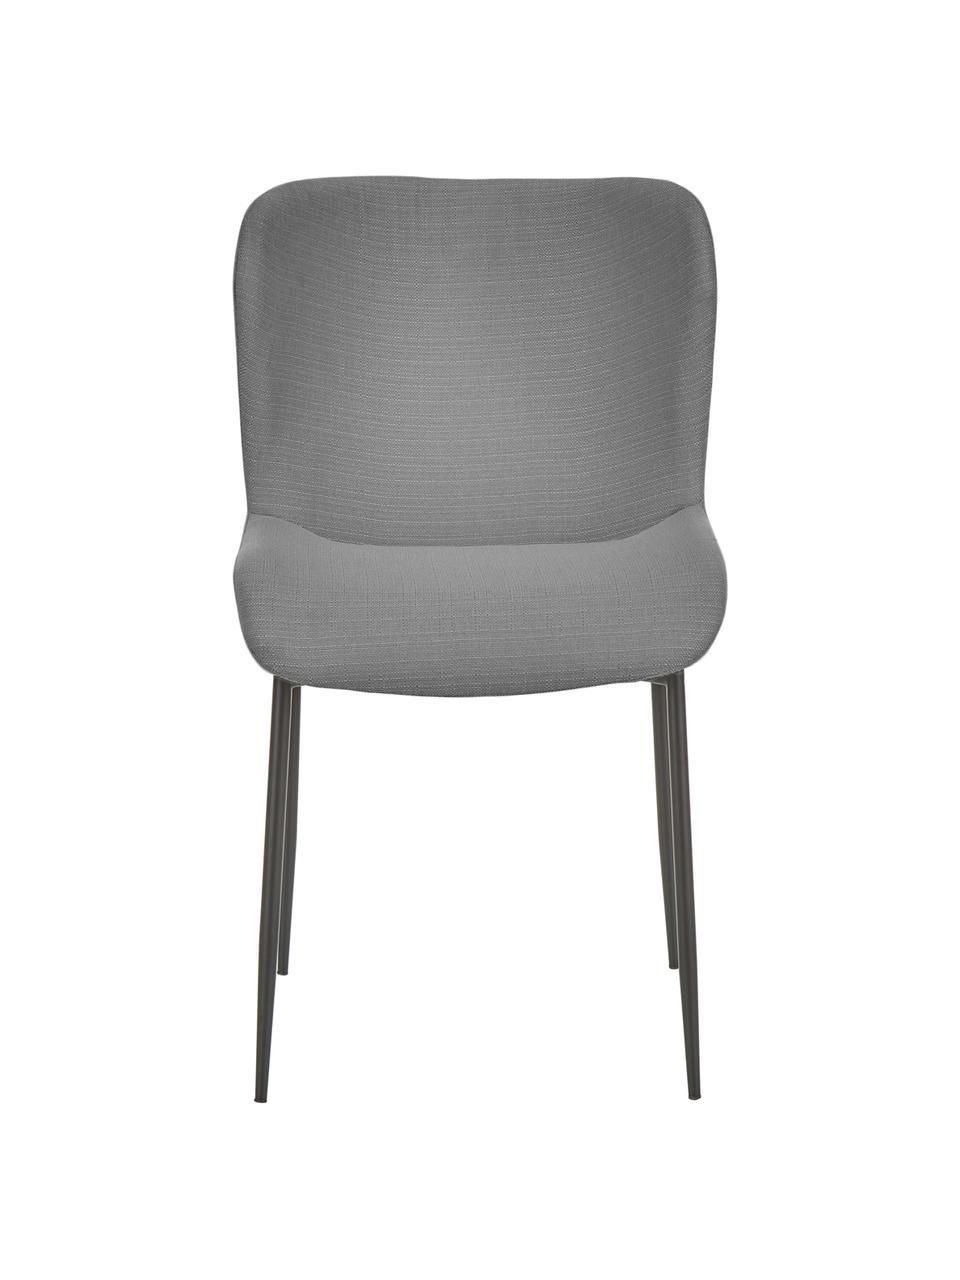 Sedia imbottita in tessuto Tess, Rivestimento: poliestere Con 25.000 cic, Gambe: metallo verniciato a polv, Tessuto grigio, nero, Larg. 49 x Alt. 84 cm